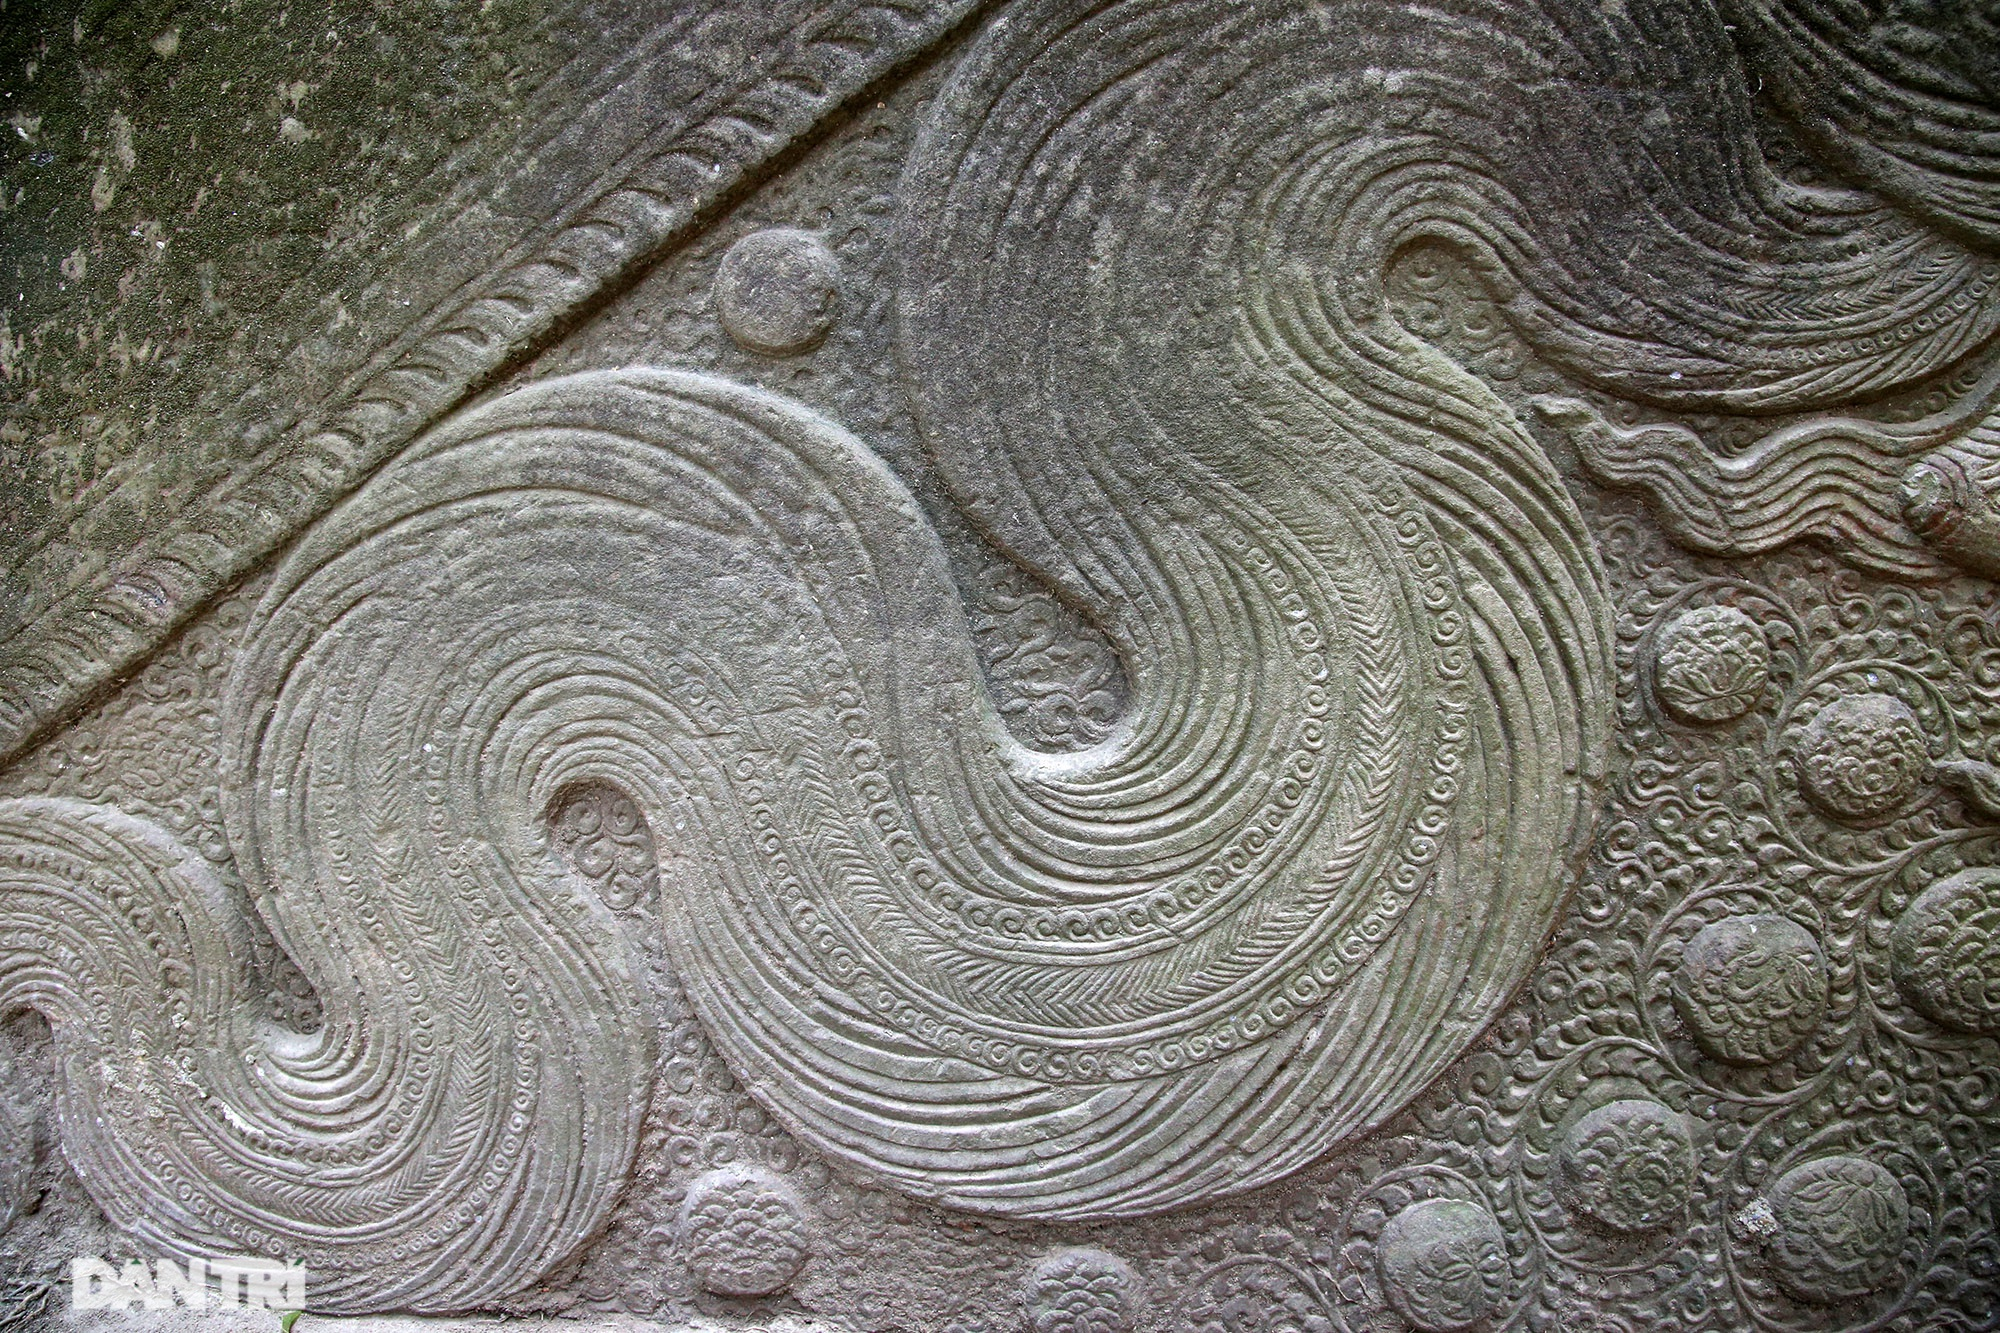 Heritage of massive stone sculpture at Huong Lang Pagoda - 5